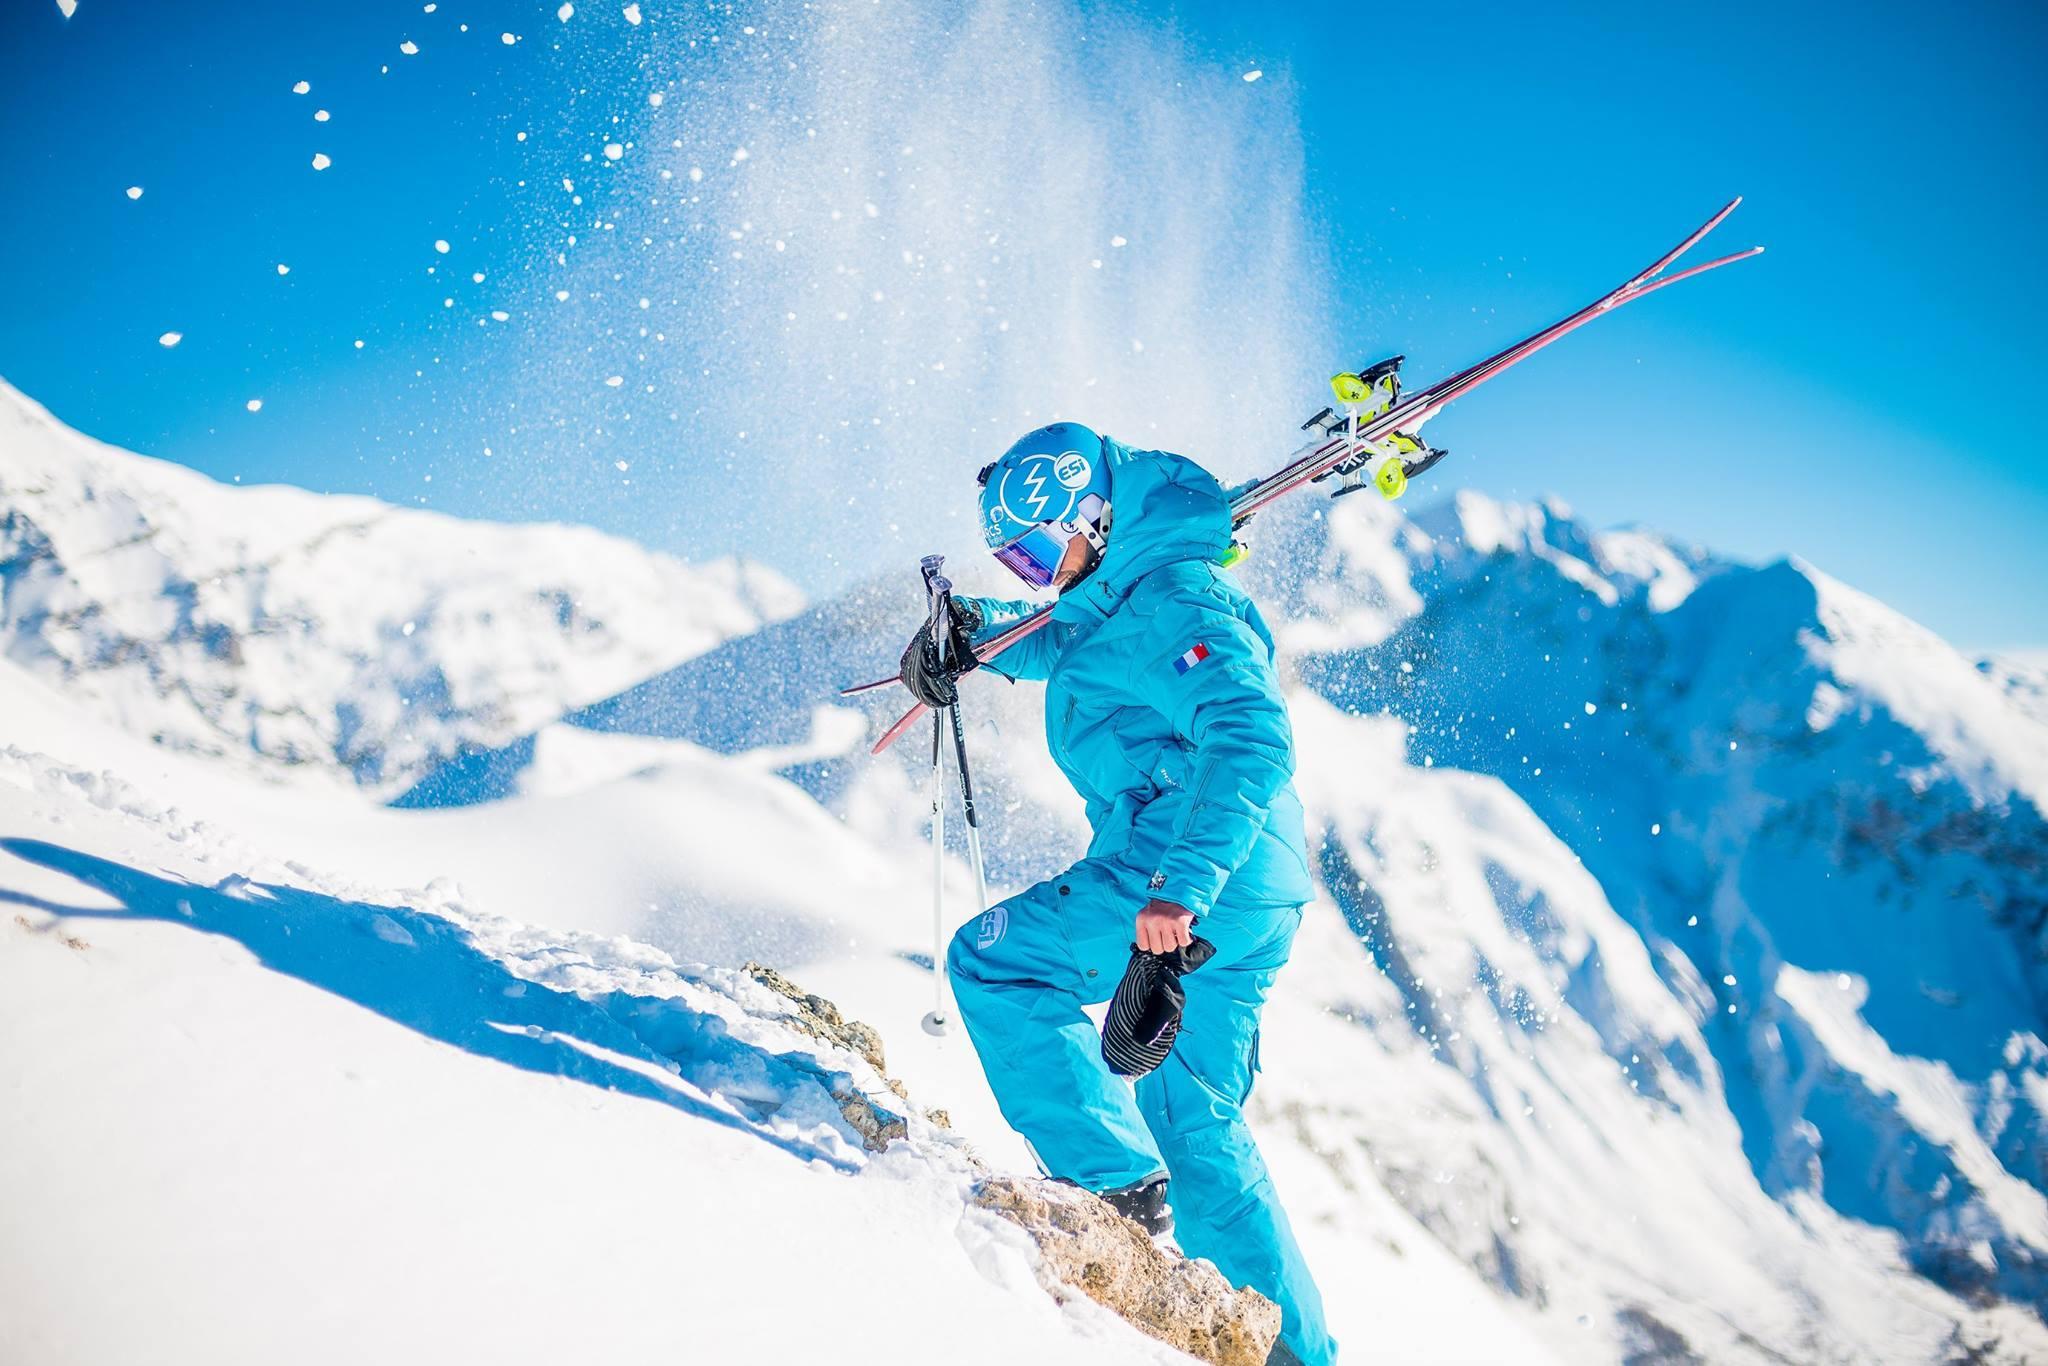 Skilessen voor volwassenen vanaf 14 jaar voor alle niveaus